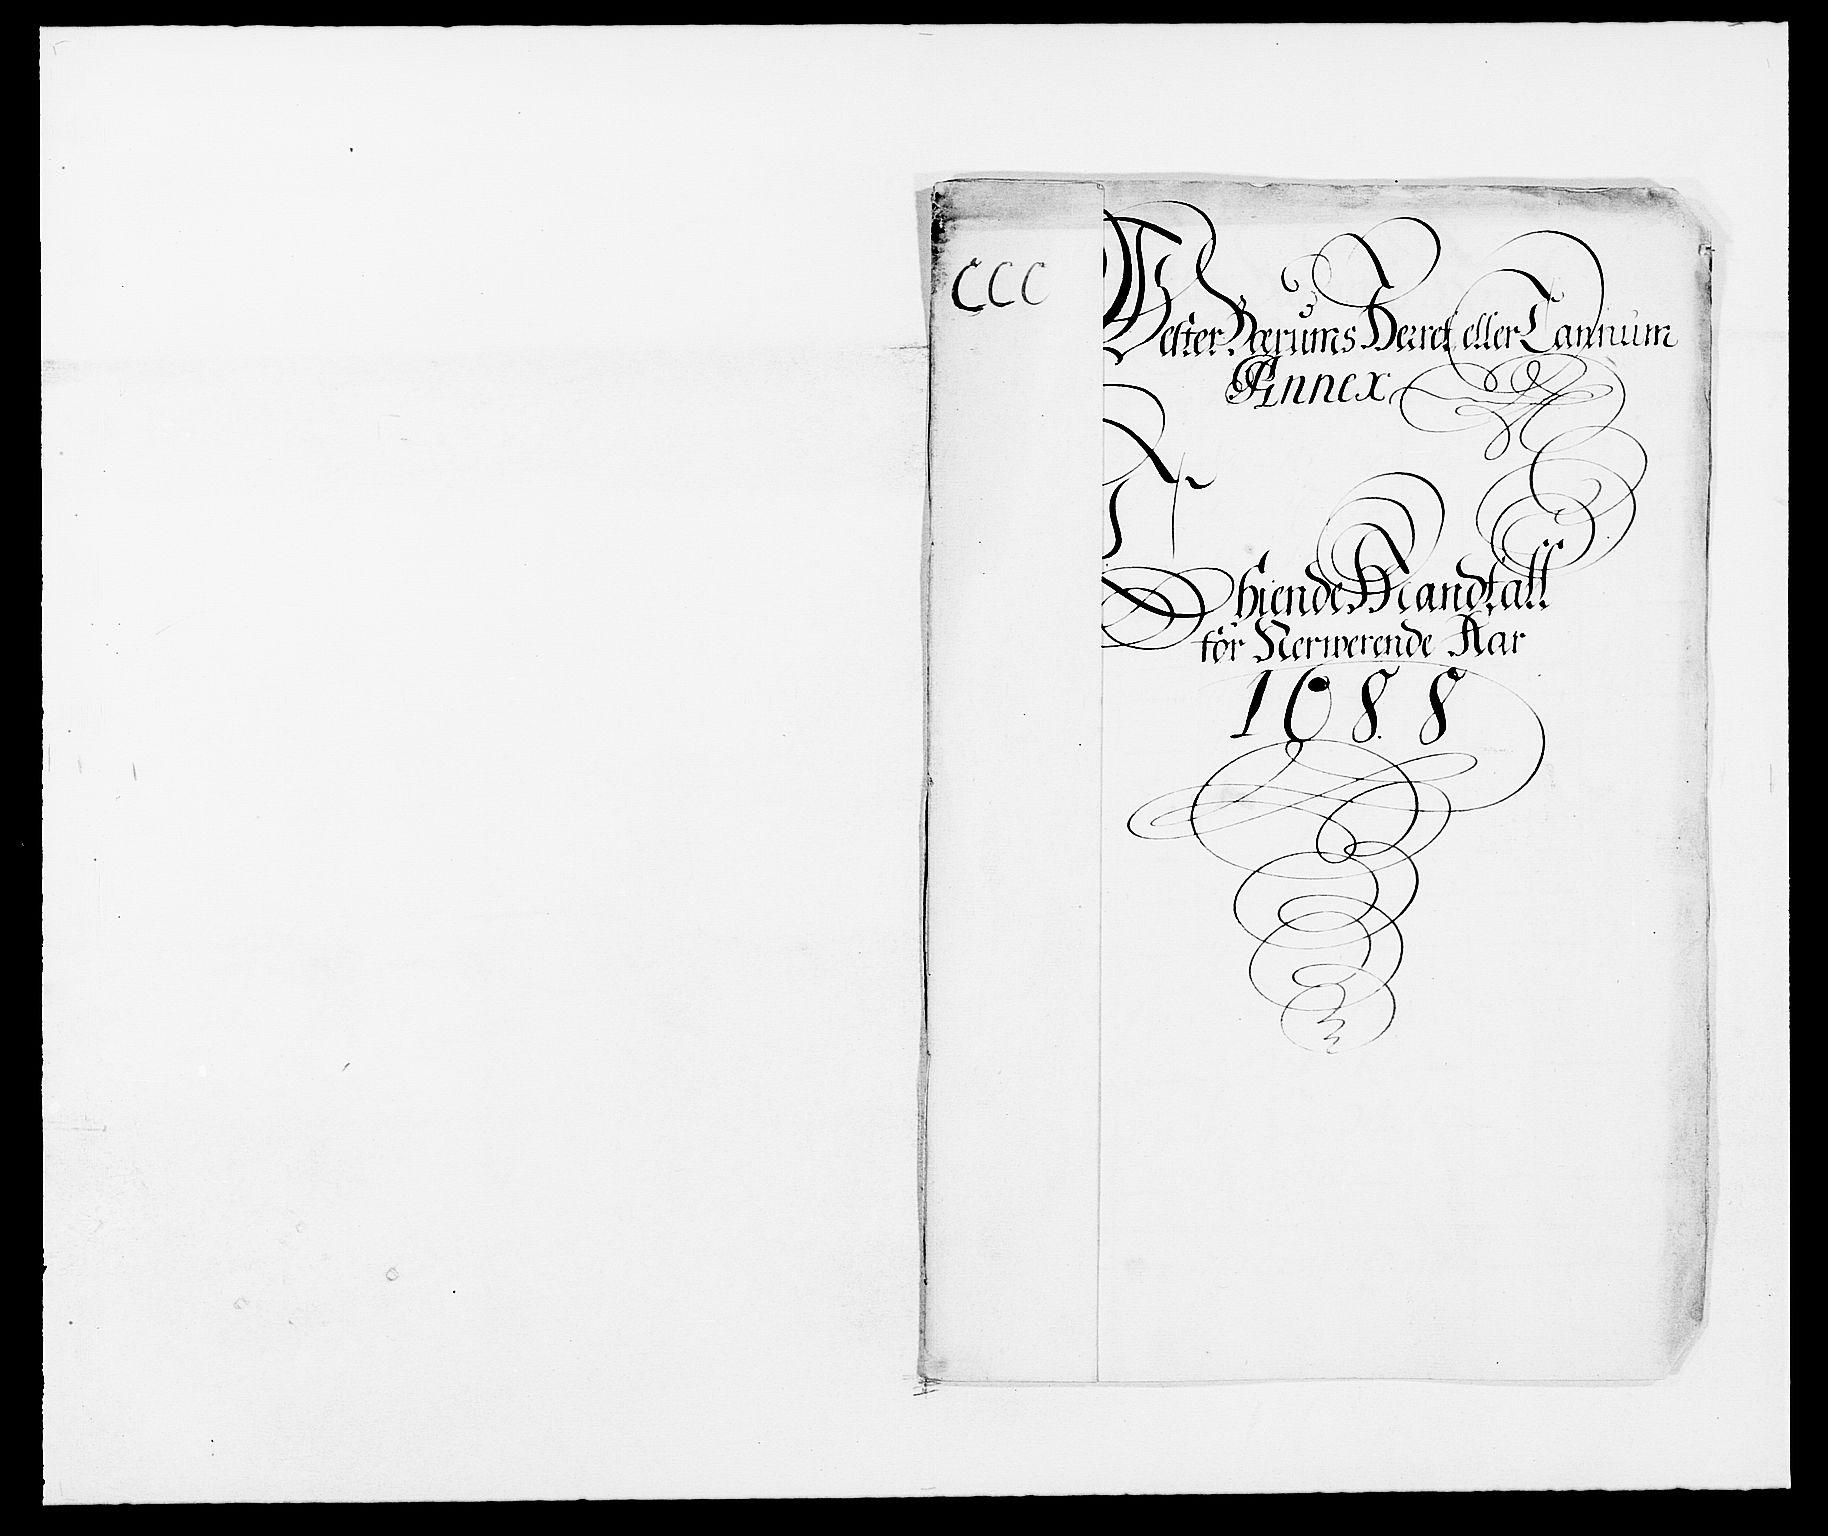 RA, Rentekammeret inntil 1814, Reviderte regnskaper, Fogderegnskap, R08/L0422: Fogderegnskap Aker, 1684-1686, s. 277